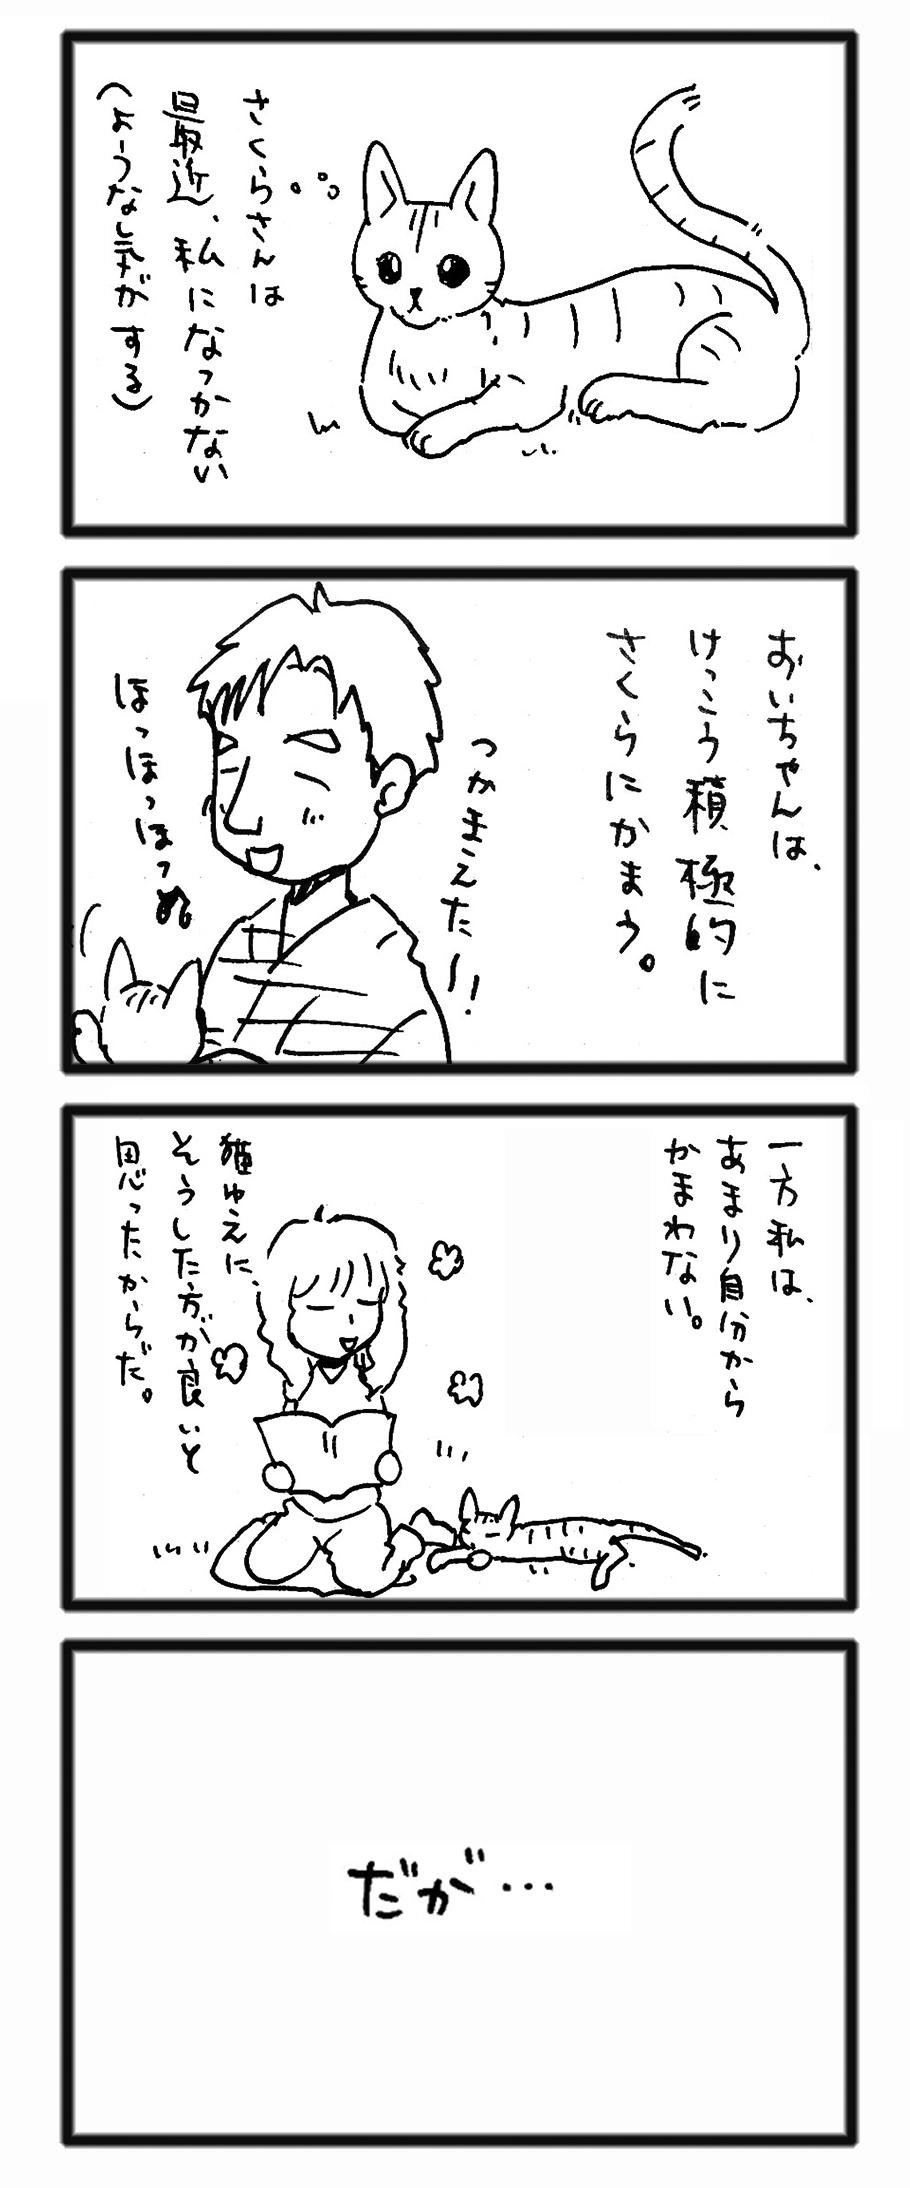 comic20121108_1.jpg